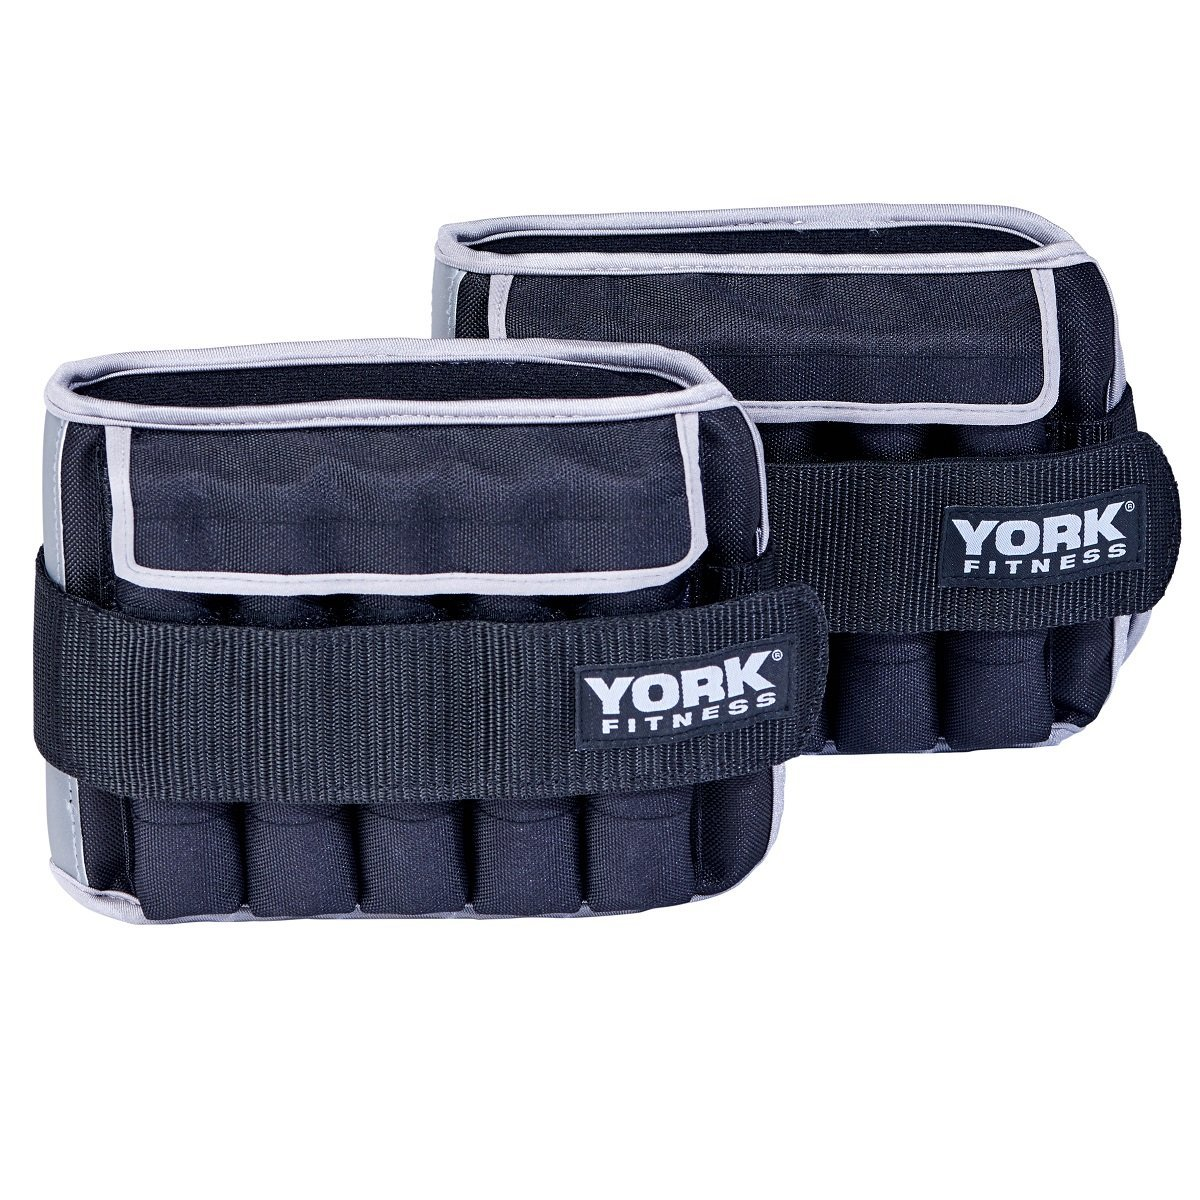 York Fitness 2 x 5kg Knöchelgewichte